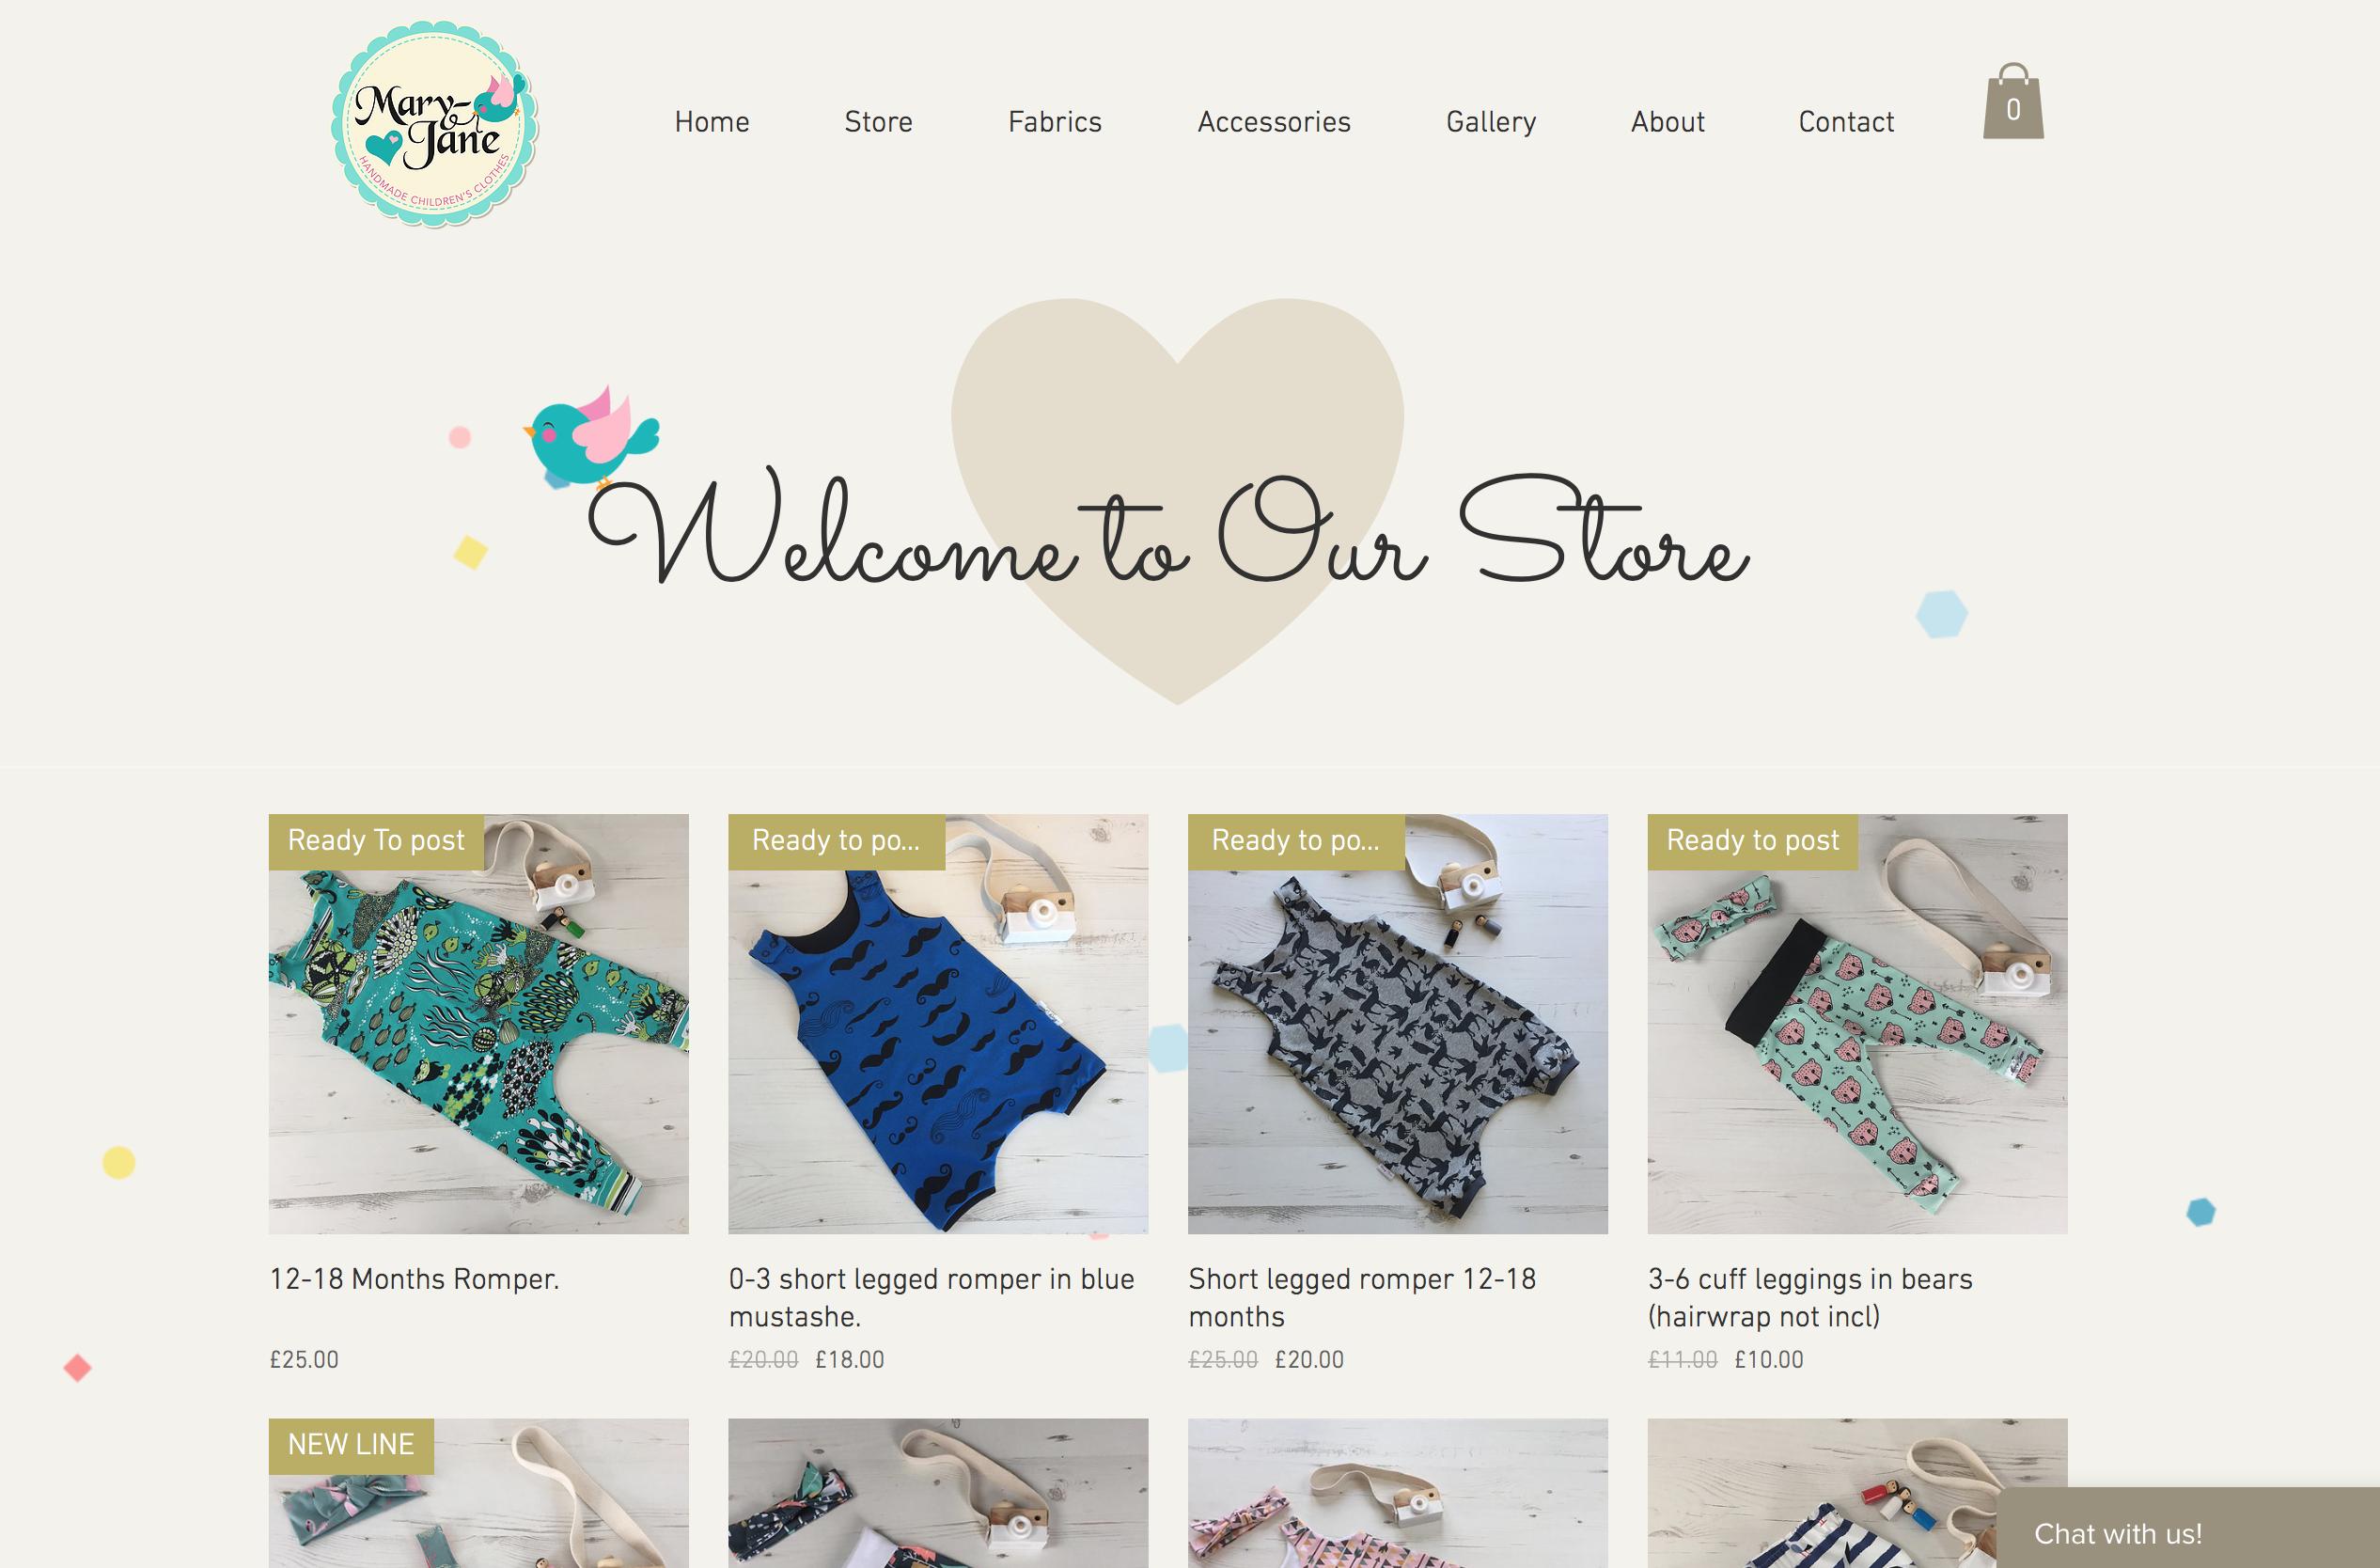 Mary-Jane Clothing Store